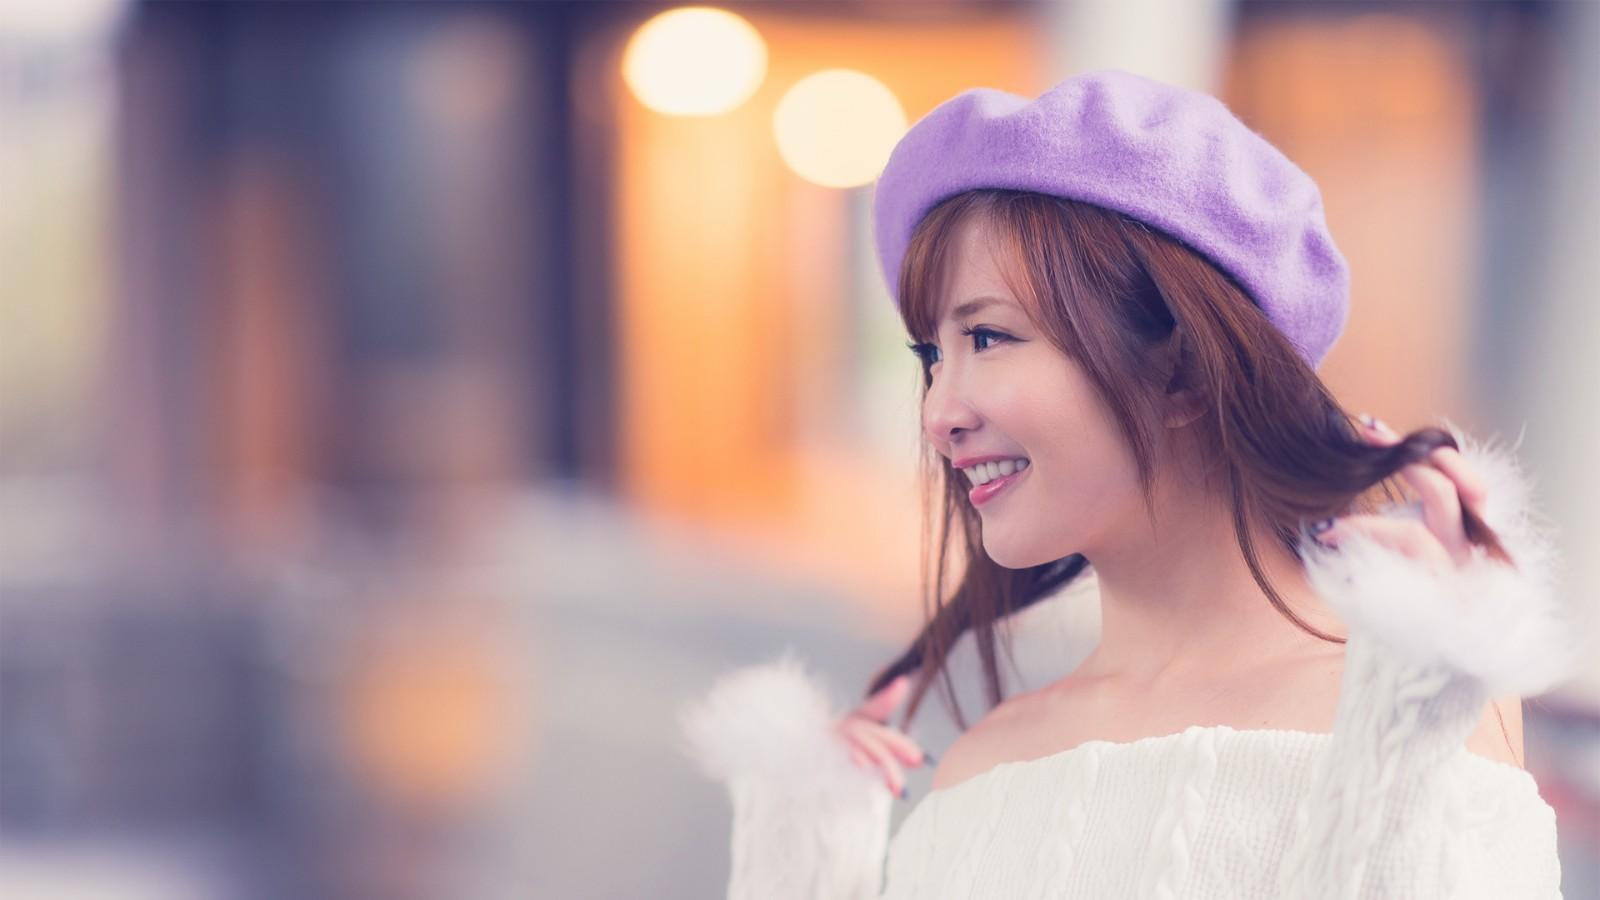 戴帽子的清纯美女2k壁纸